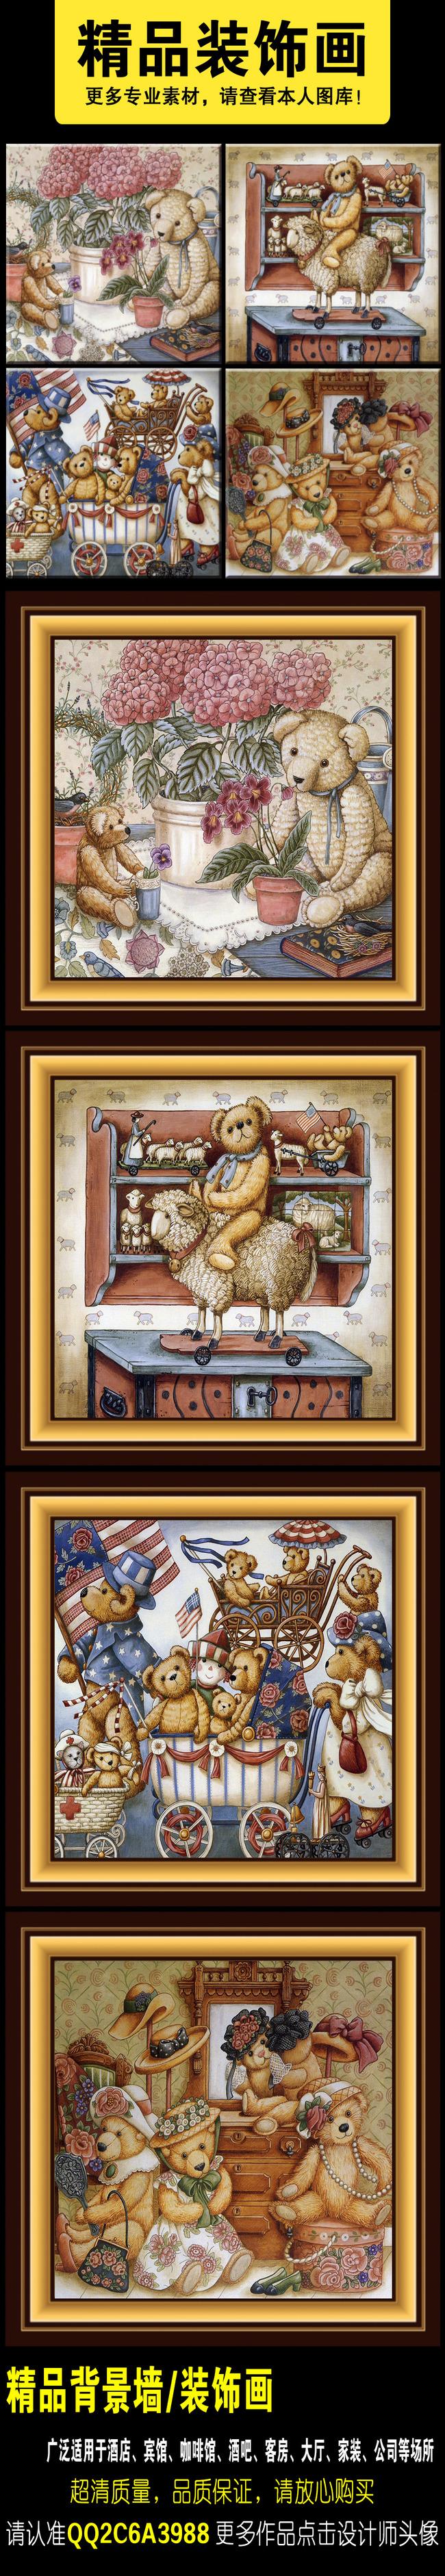 欧美复古油画手绘小熊美丽小屋风景装饰画